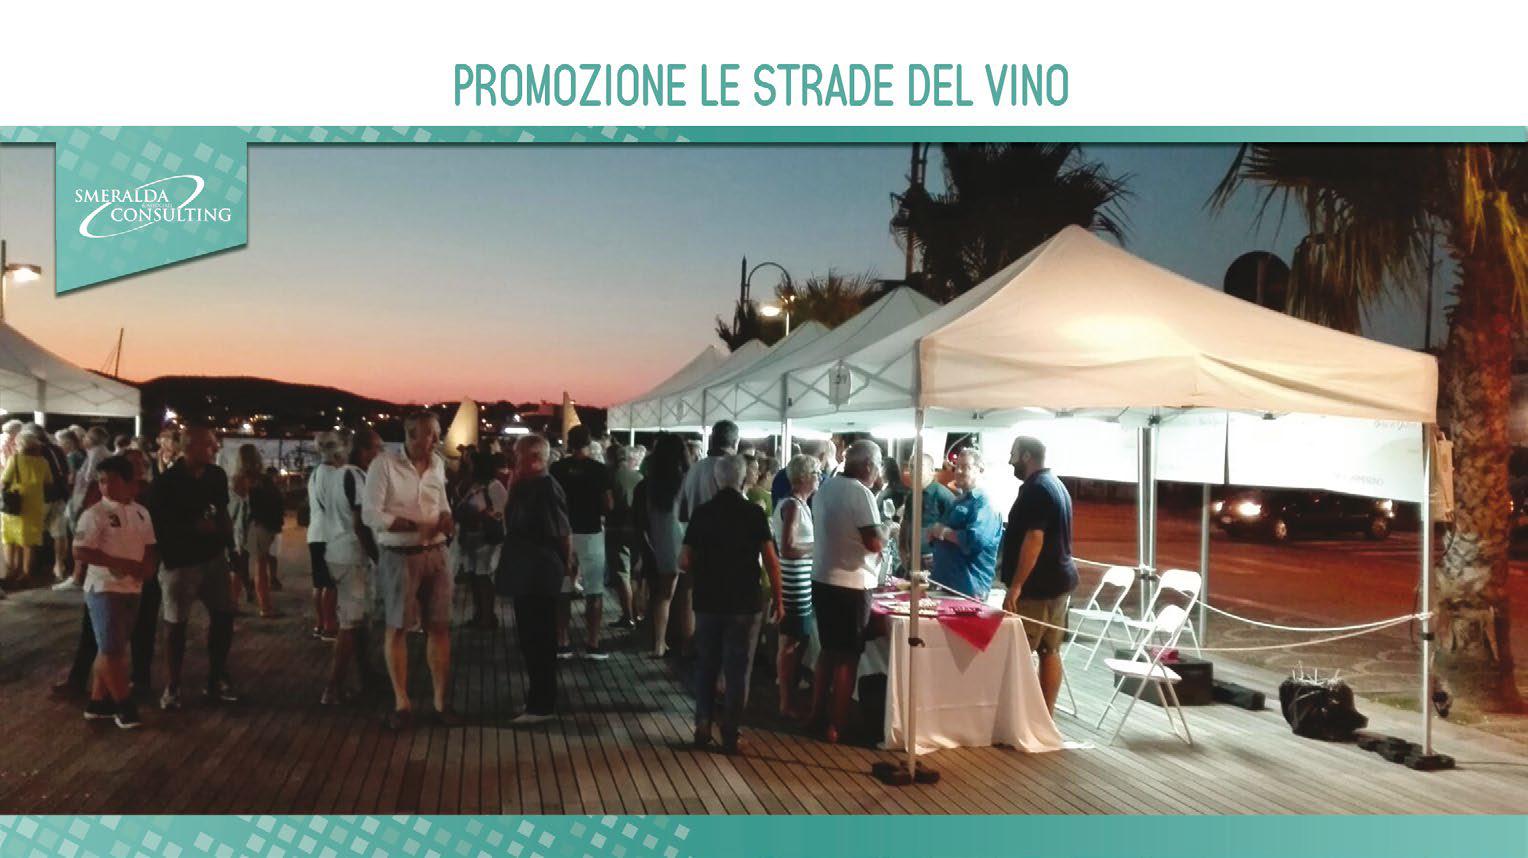 Promozione le Strade del vino